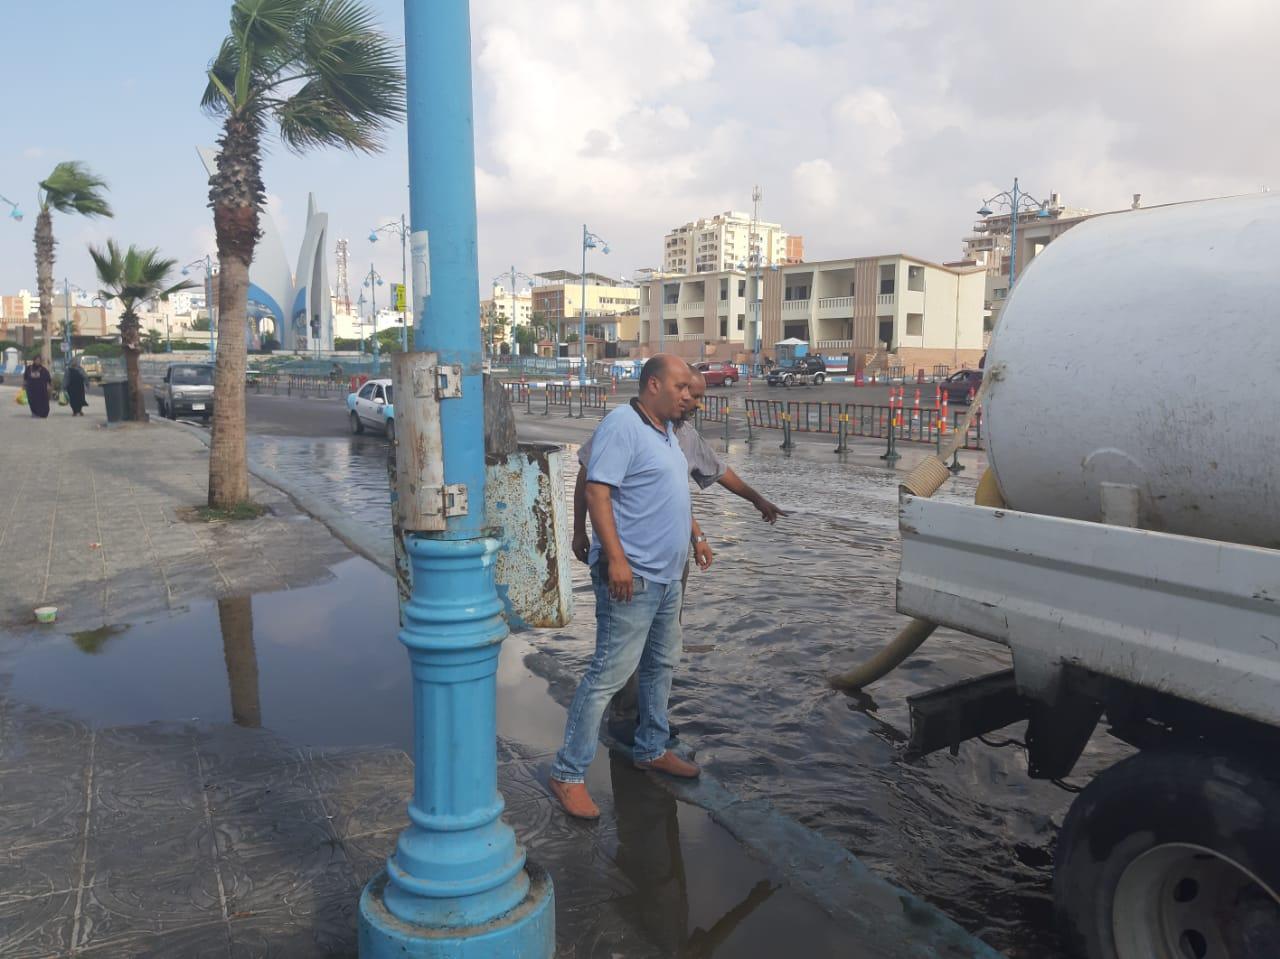 إزالة تجمعات مياه الأمطار من بعض شوارع مدينة مرسي مطروح  (3)